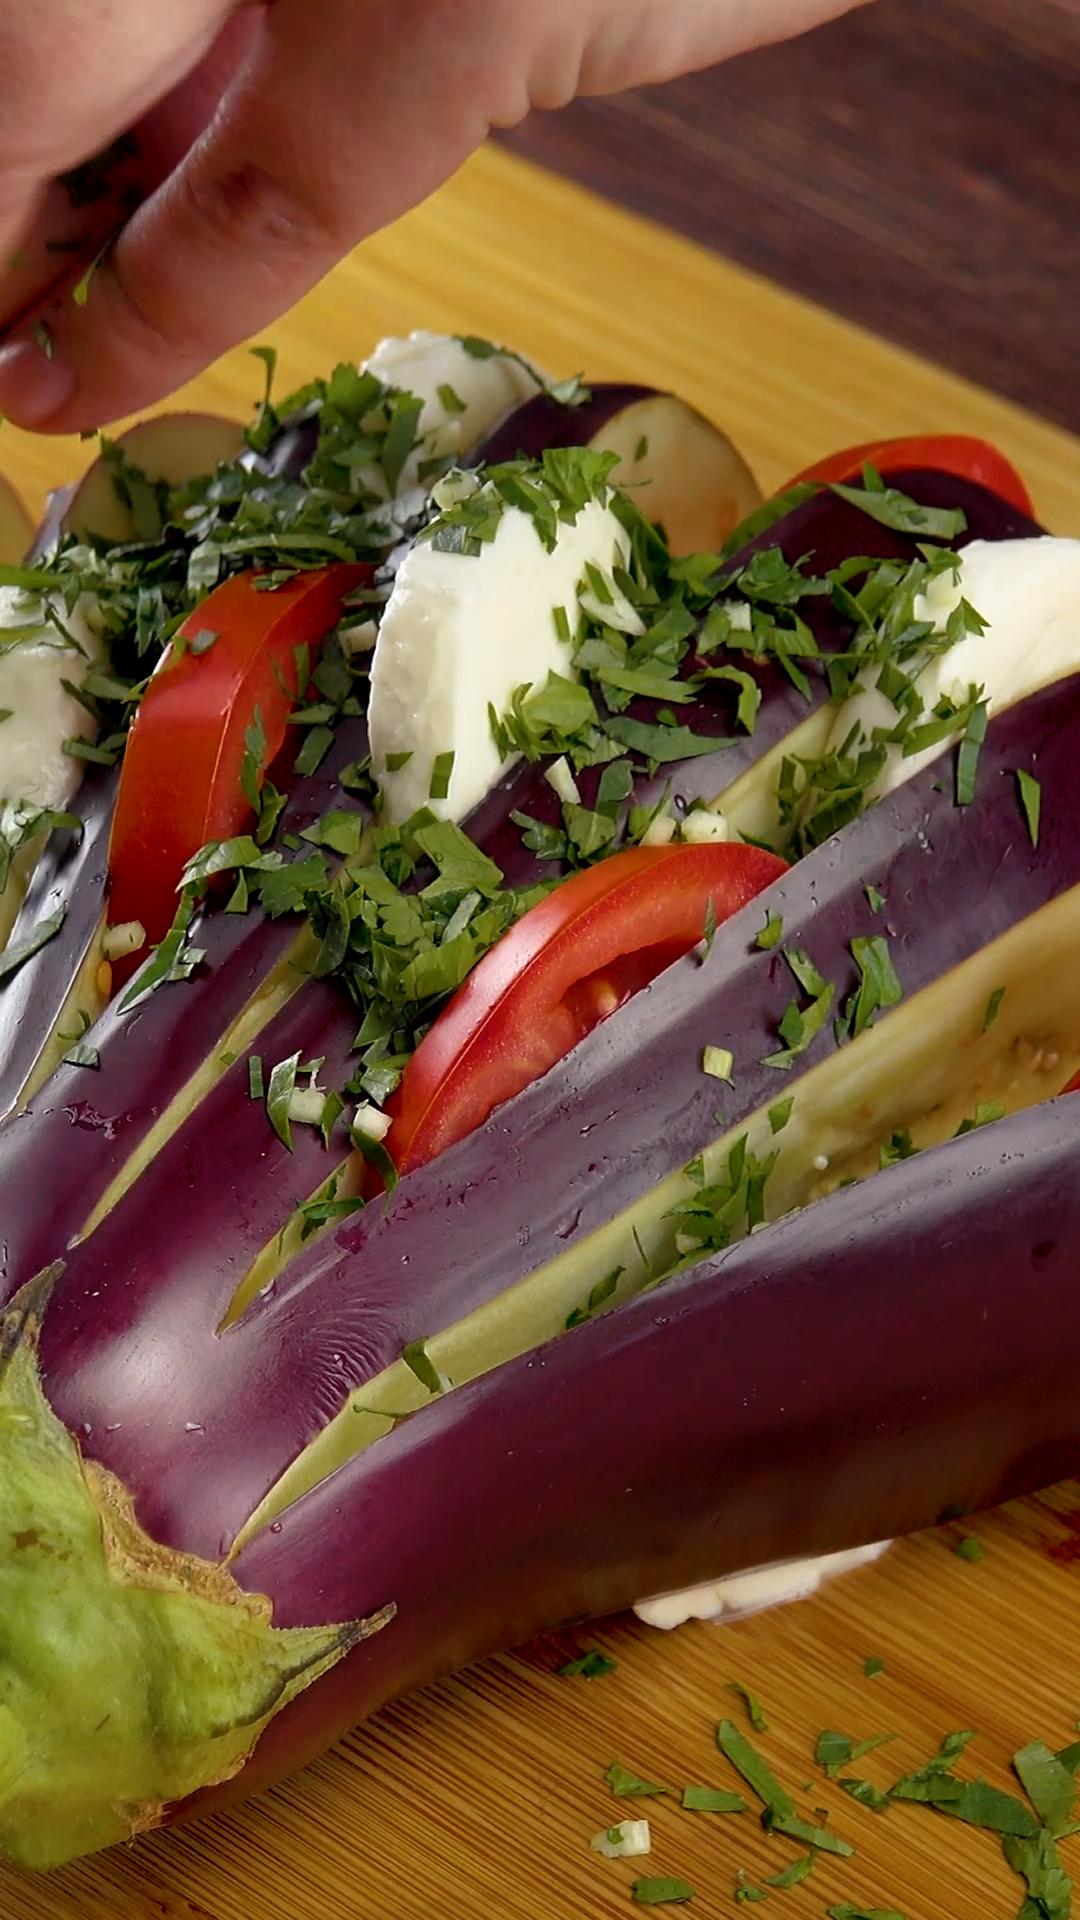 Köstliche Rezepte mit Aubergine - gefüllt mit Gemüse, Tomaten, Käse und Kräutern, Schinken oder viel Knoblauch und im Backofen zubereitet. Schnell, einfach und gesund - zum Mittagessen, Abendessen oder als Feierabendküche. #Rezept #Aubergine